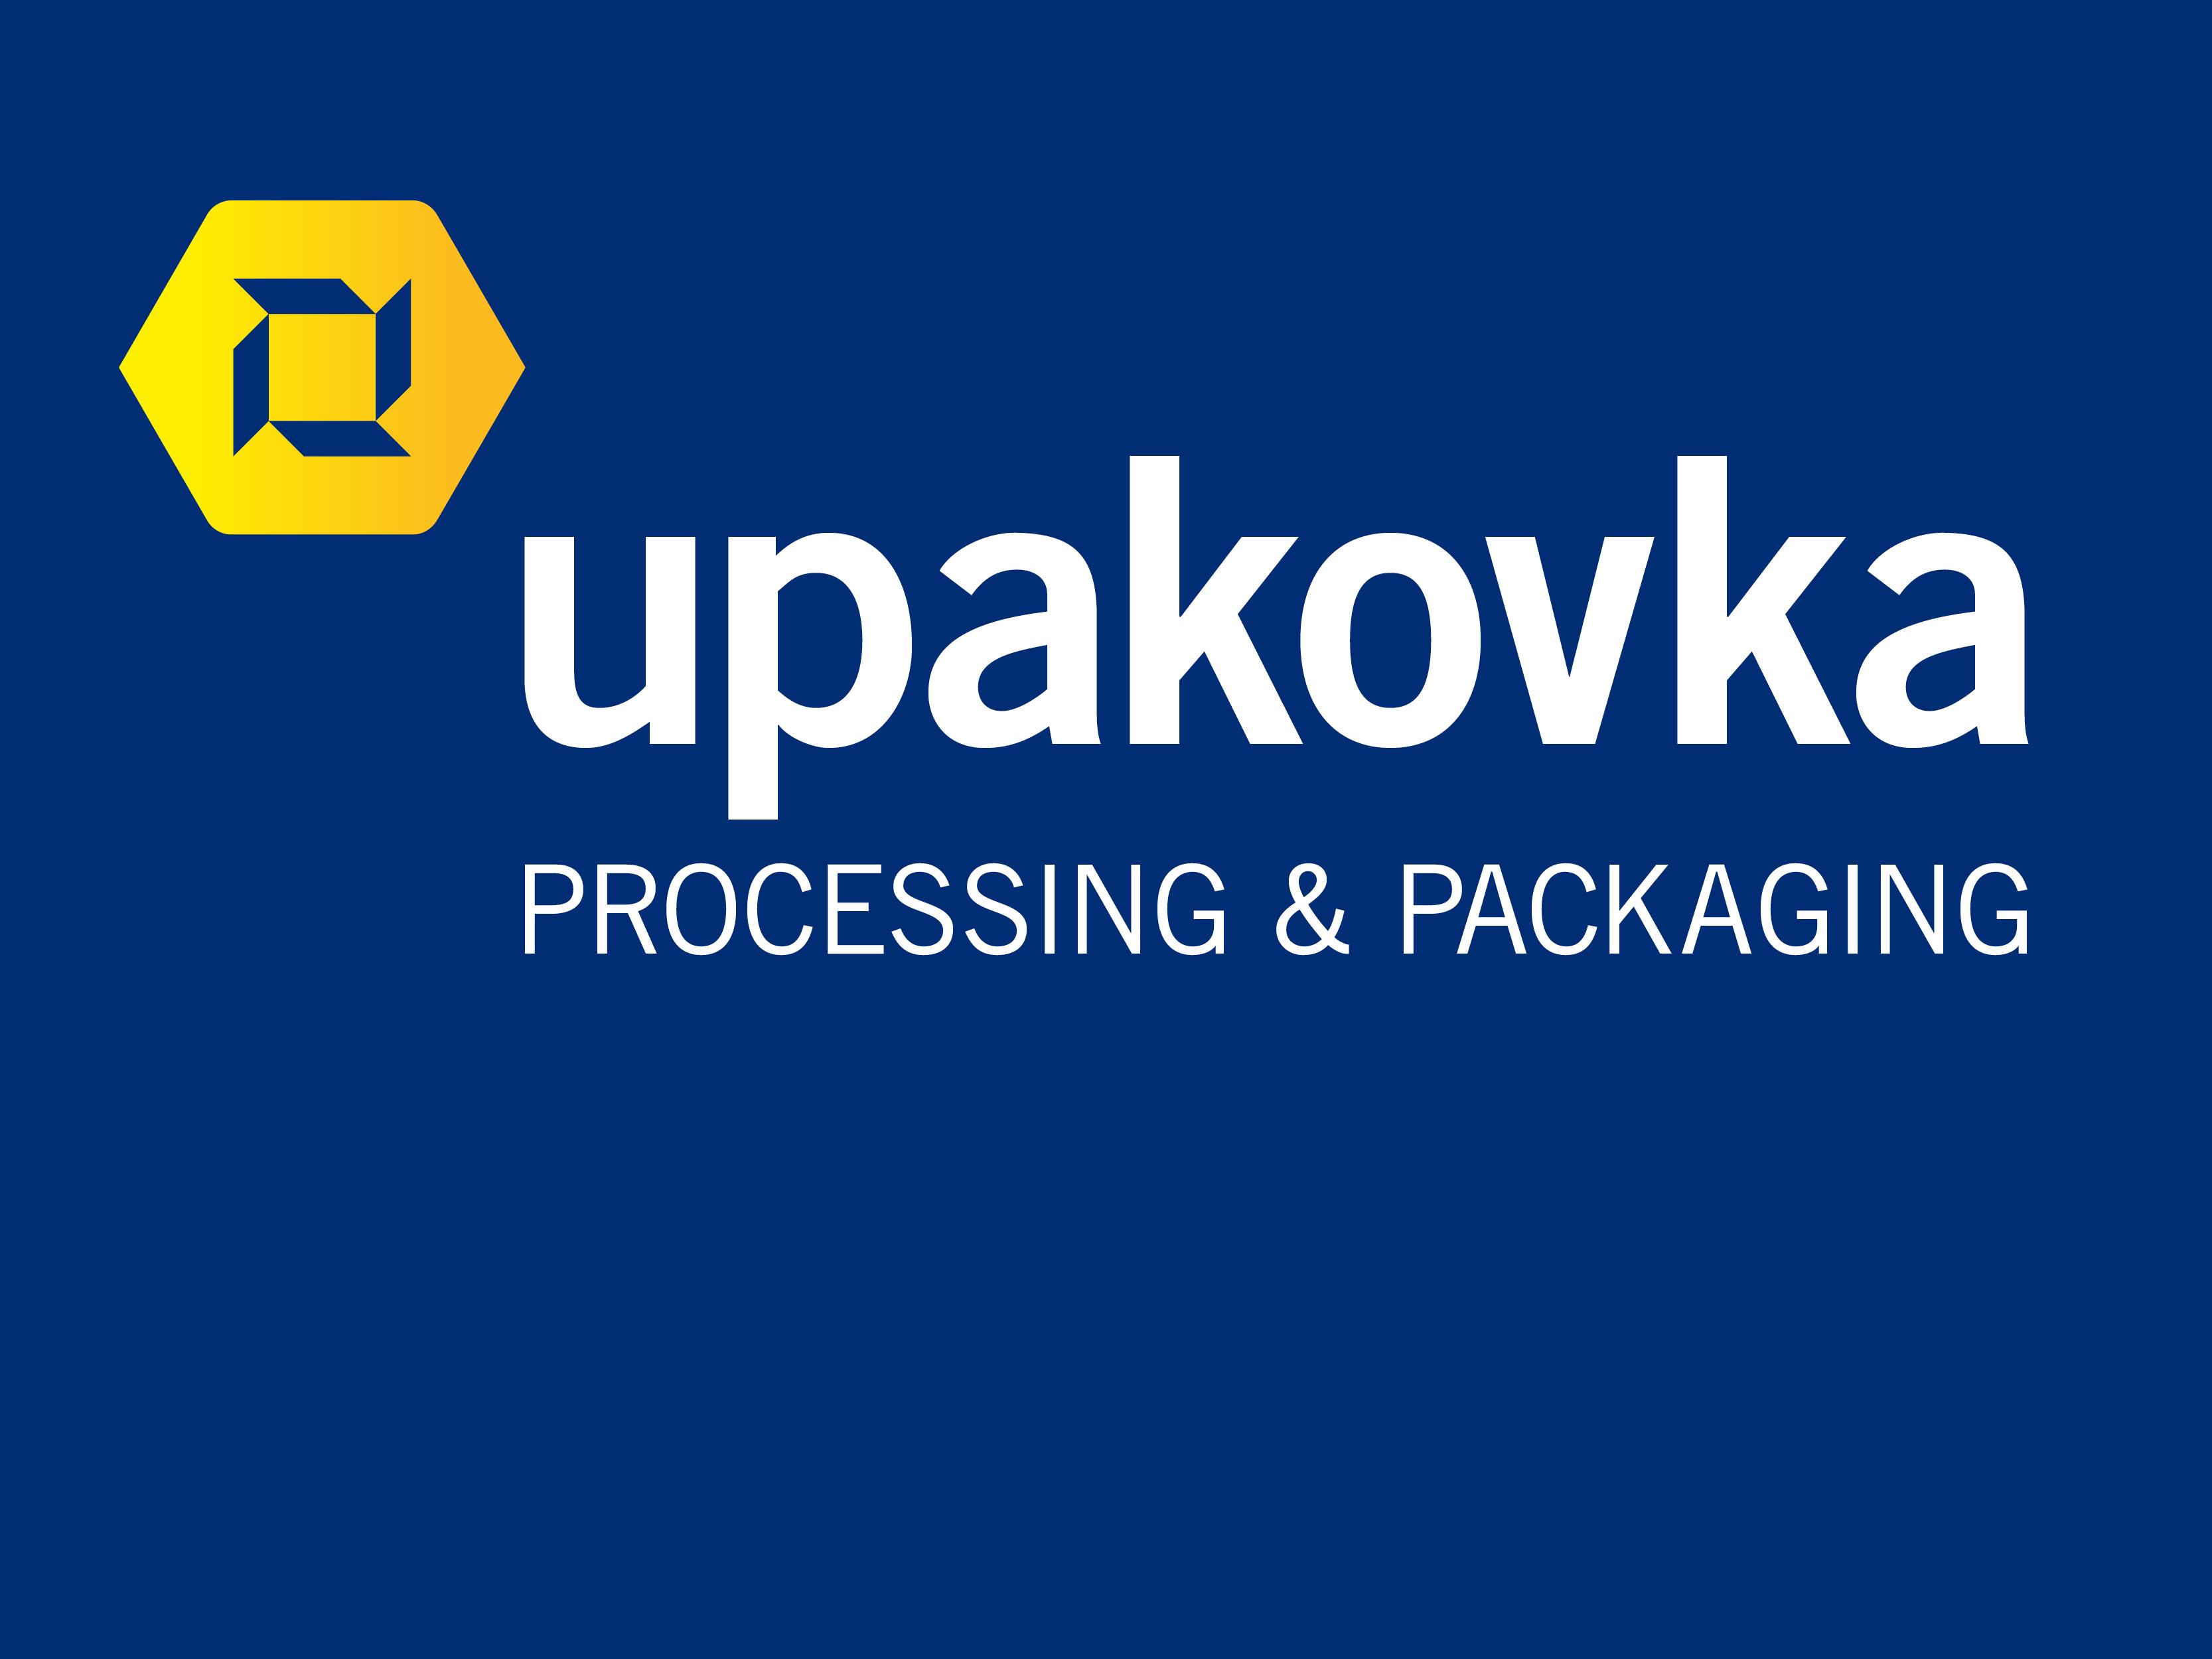 نمایشگاه مواد بسته بندی، تجهیزات و فن آوری برای شرکت های داروسازی روسیه مسکو